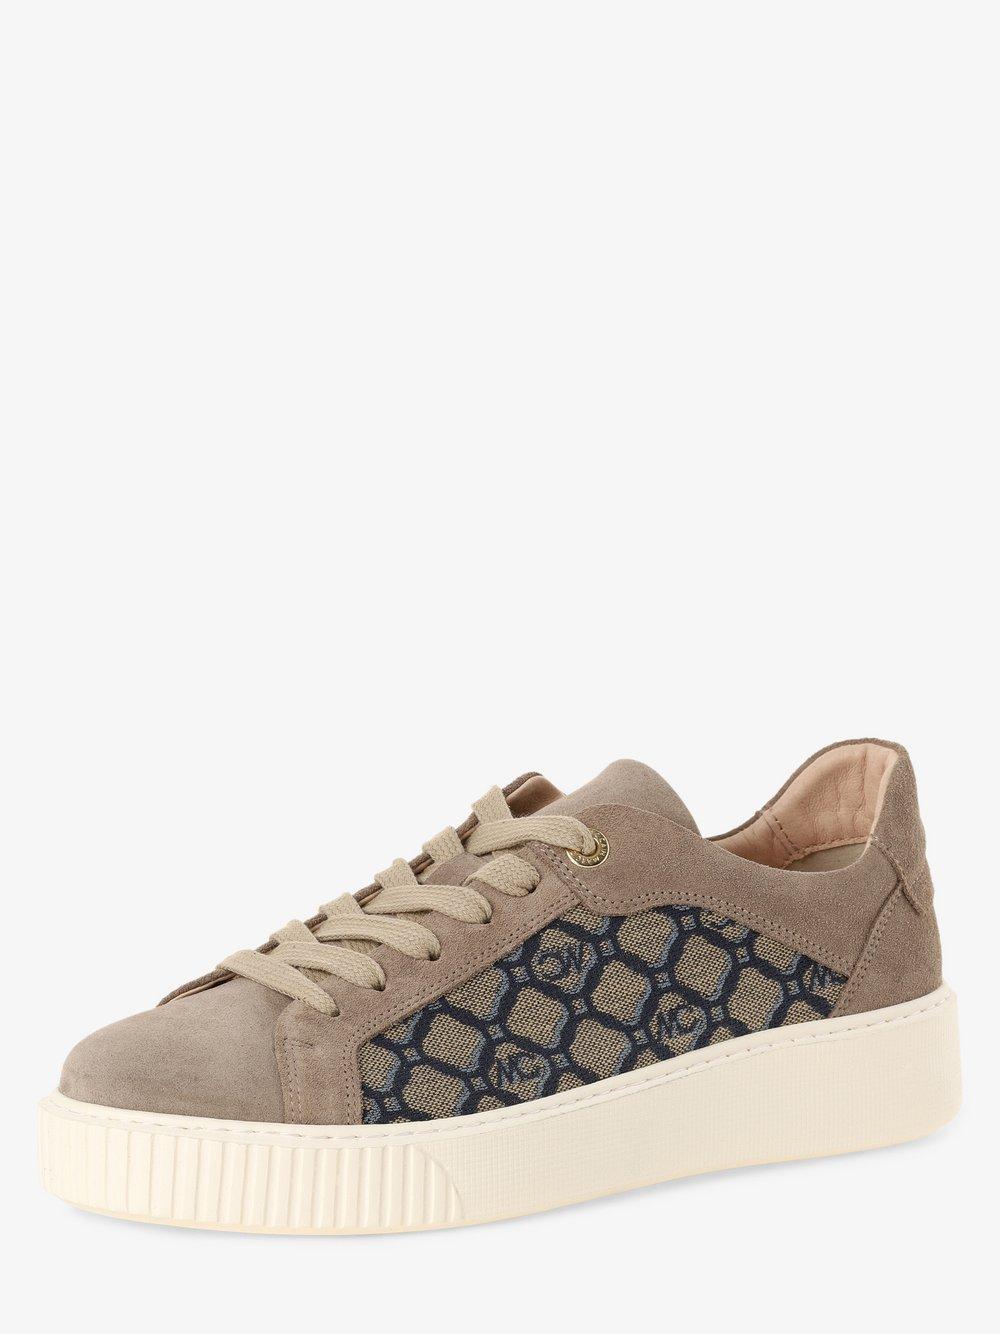 Marc Cain Bags & Shoes - Tenisówki damskie z dodatkiem skóry, beżowy